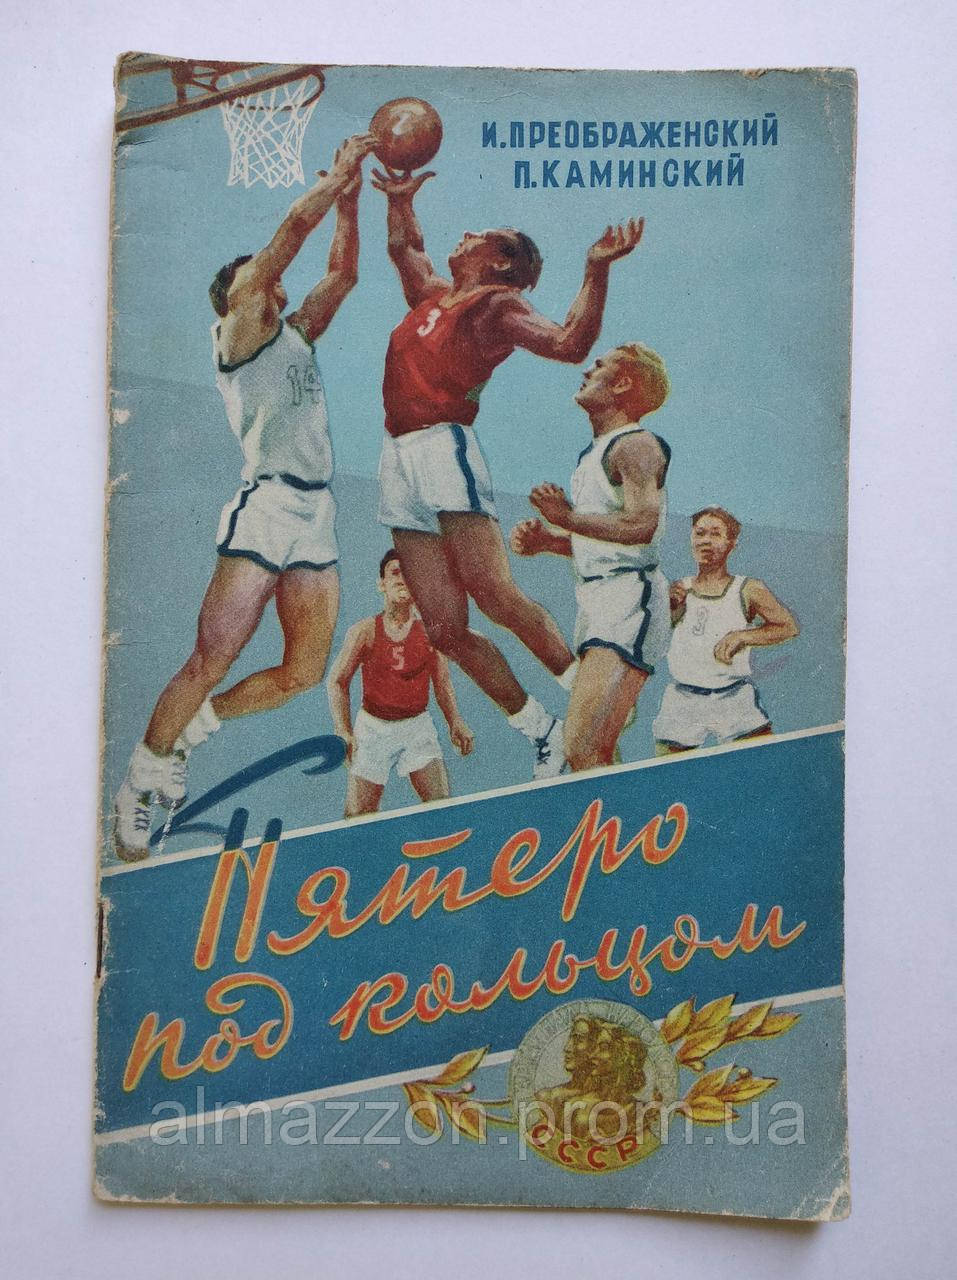 И.Преображенский Пятеро под кольцом (баскетбол). 1956 год